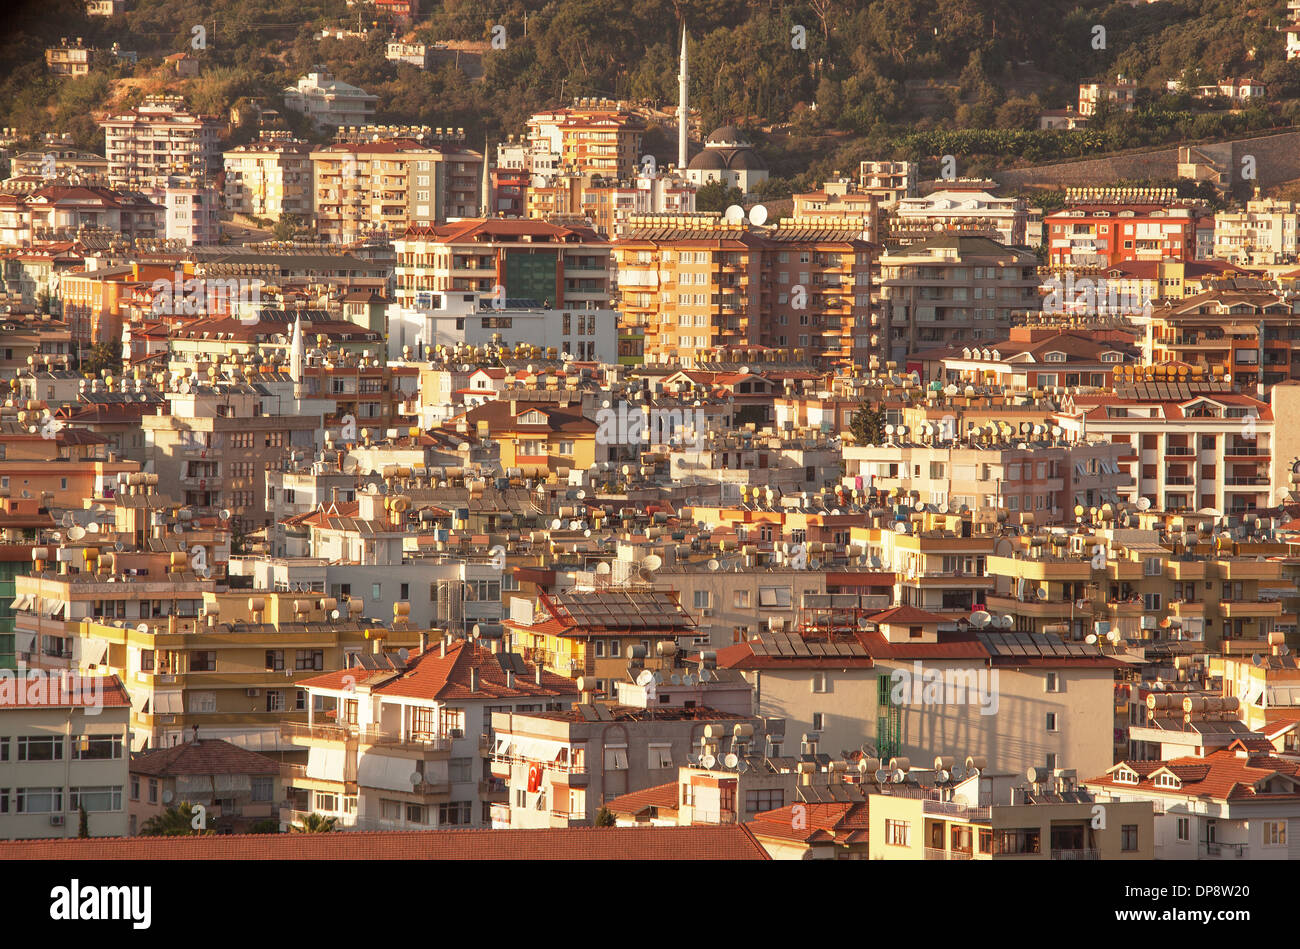 Chauffe-eau et les antennes satellite. Caractéristiques de l'architecture moderne en centre-ville d'Alanya, Photo Stock